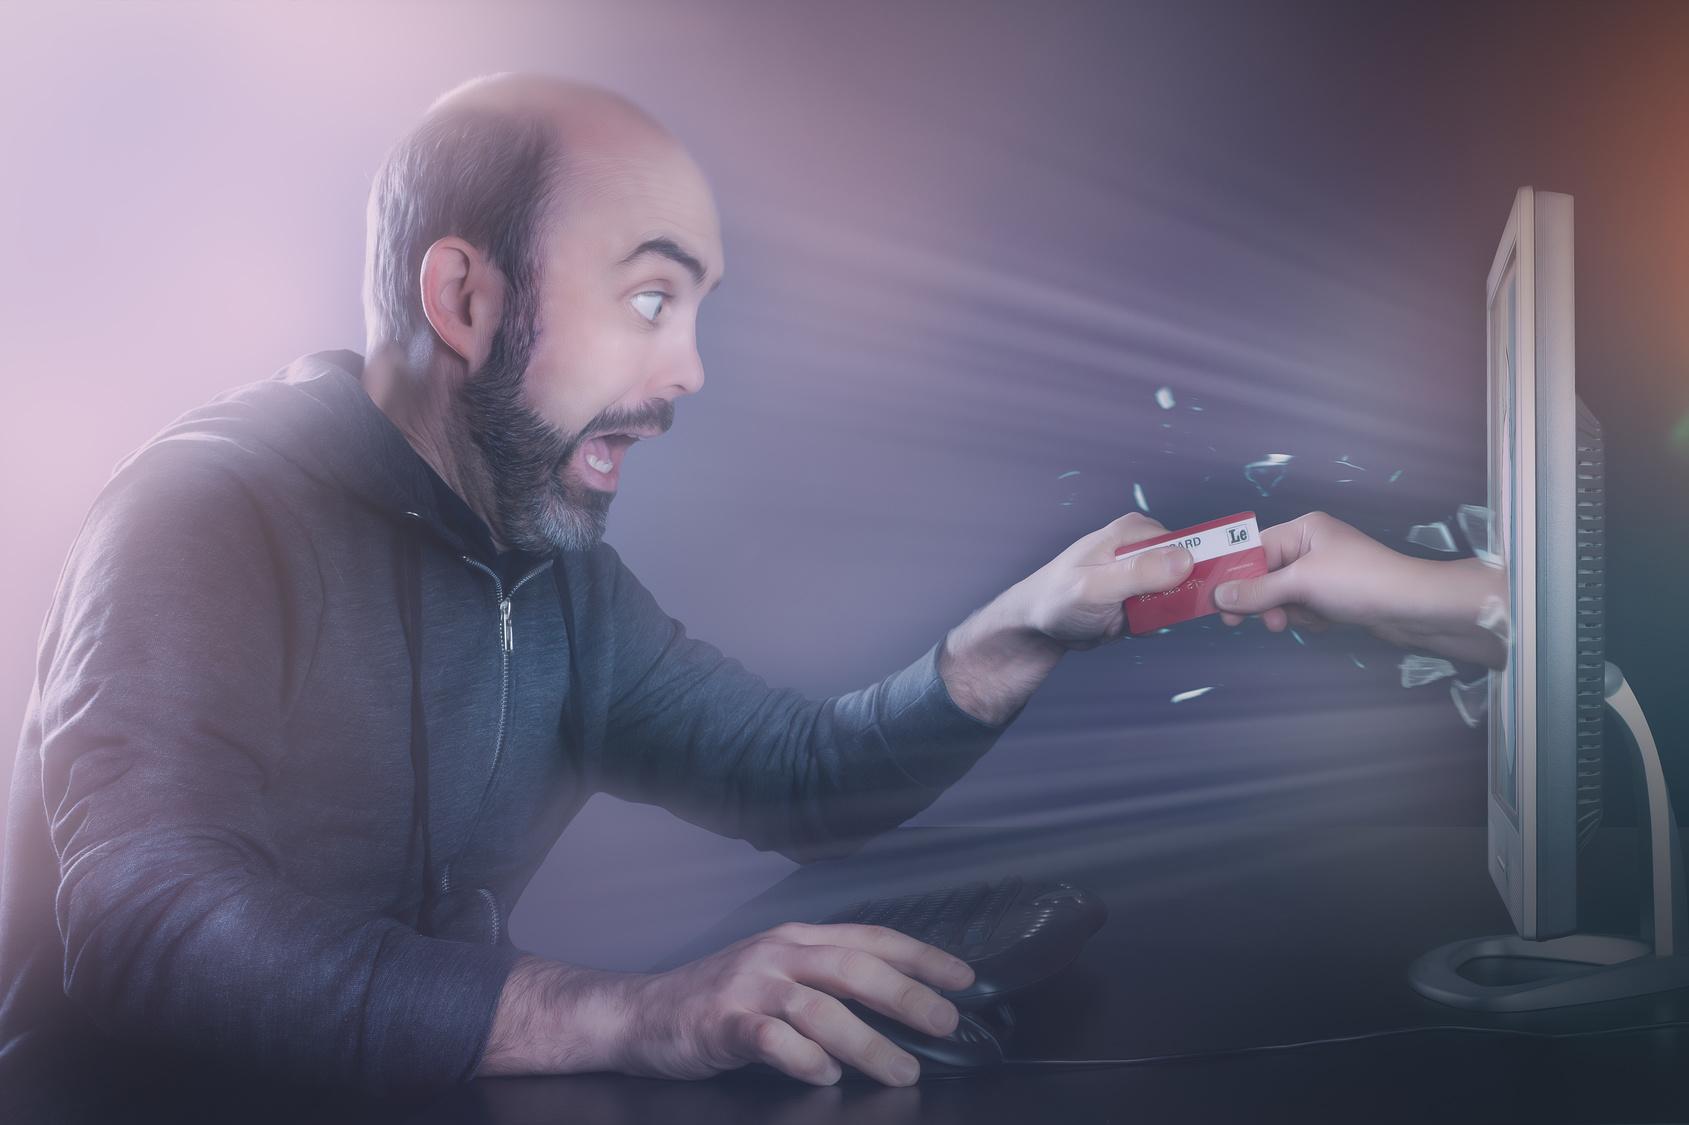 La ciberseguridad, asignatura pendiente en el hogar español